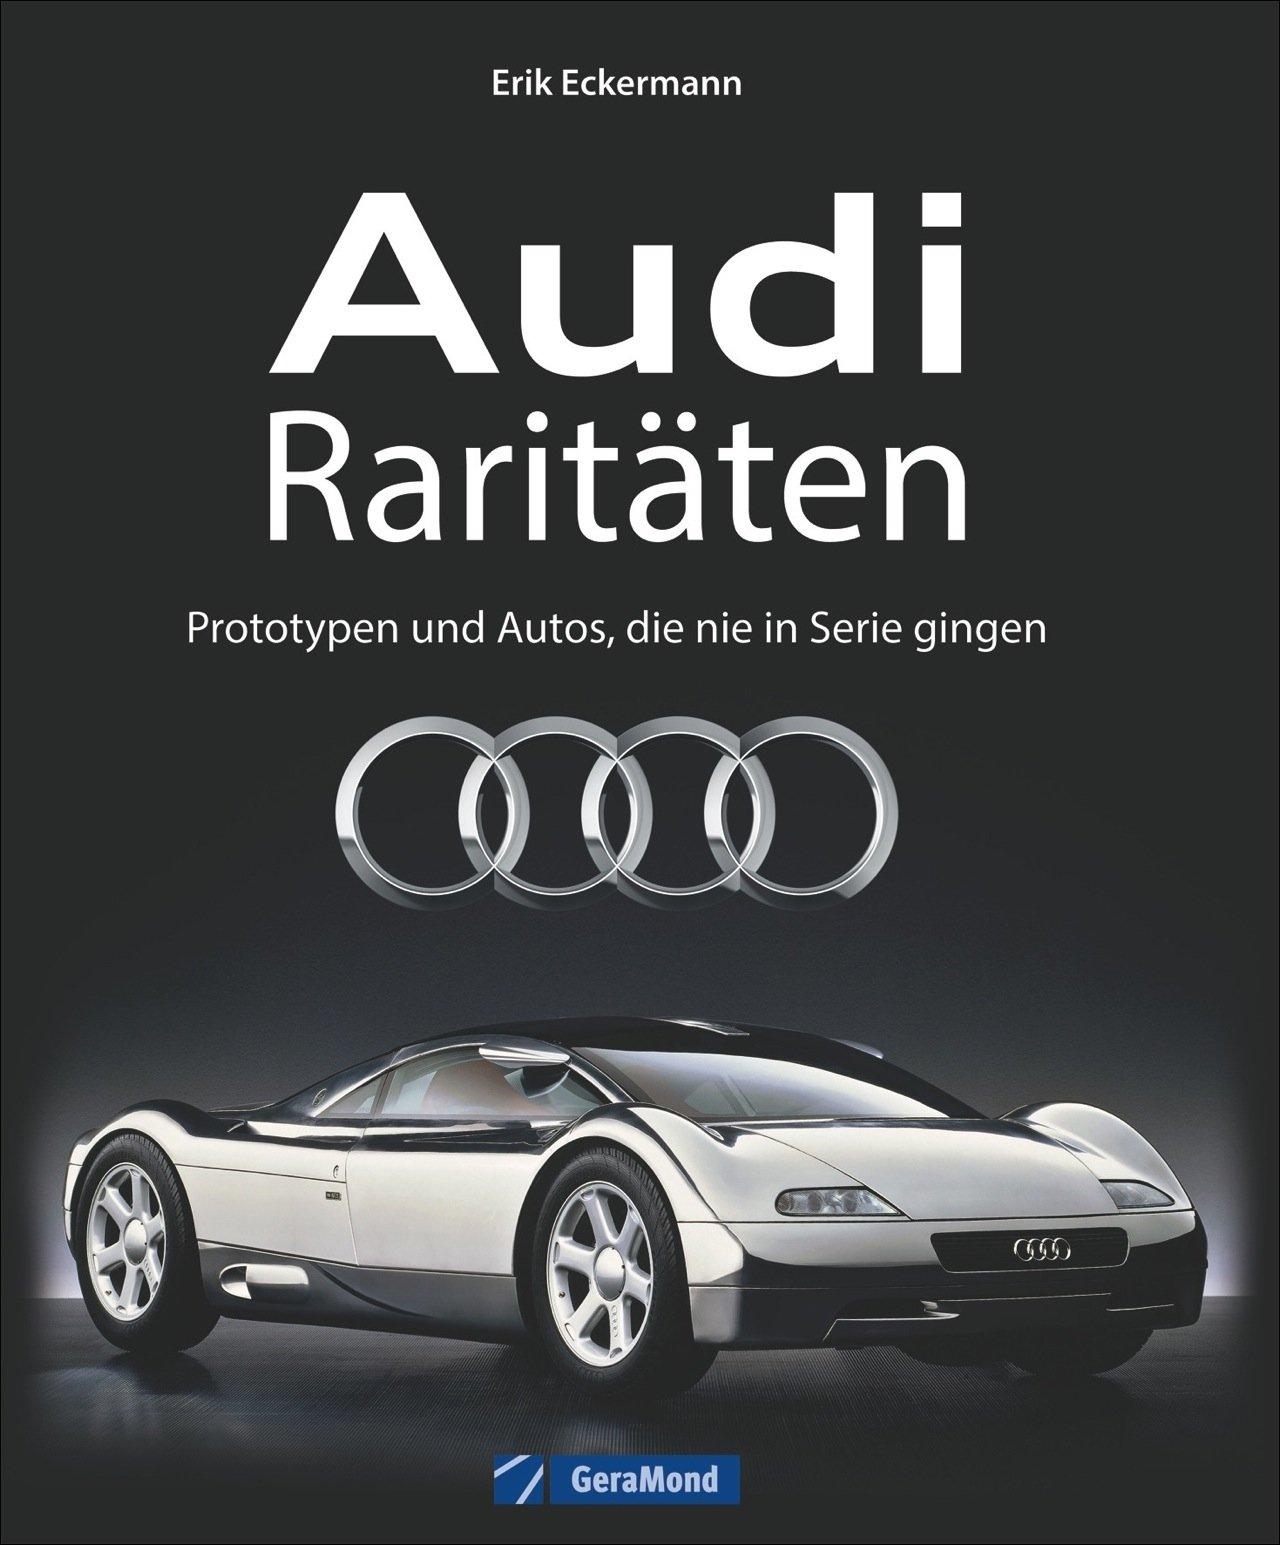 Audi Geschichte: Audi Raritäten -  Prototypen und Autos, die nie in Serie gingen. Oldtimer und Youngtimer von Audi, Unikate und Designstudien, Rennwagen und Rekordwagen.